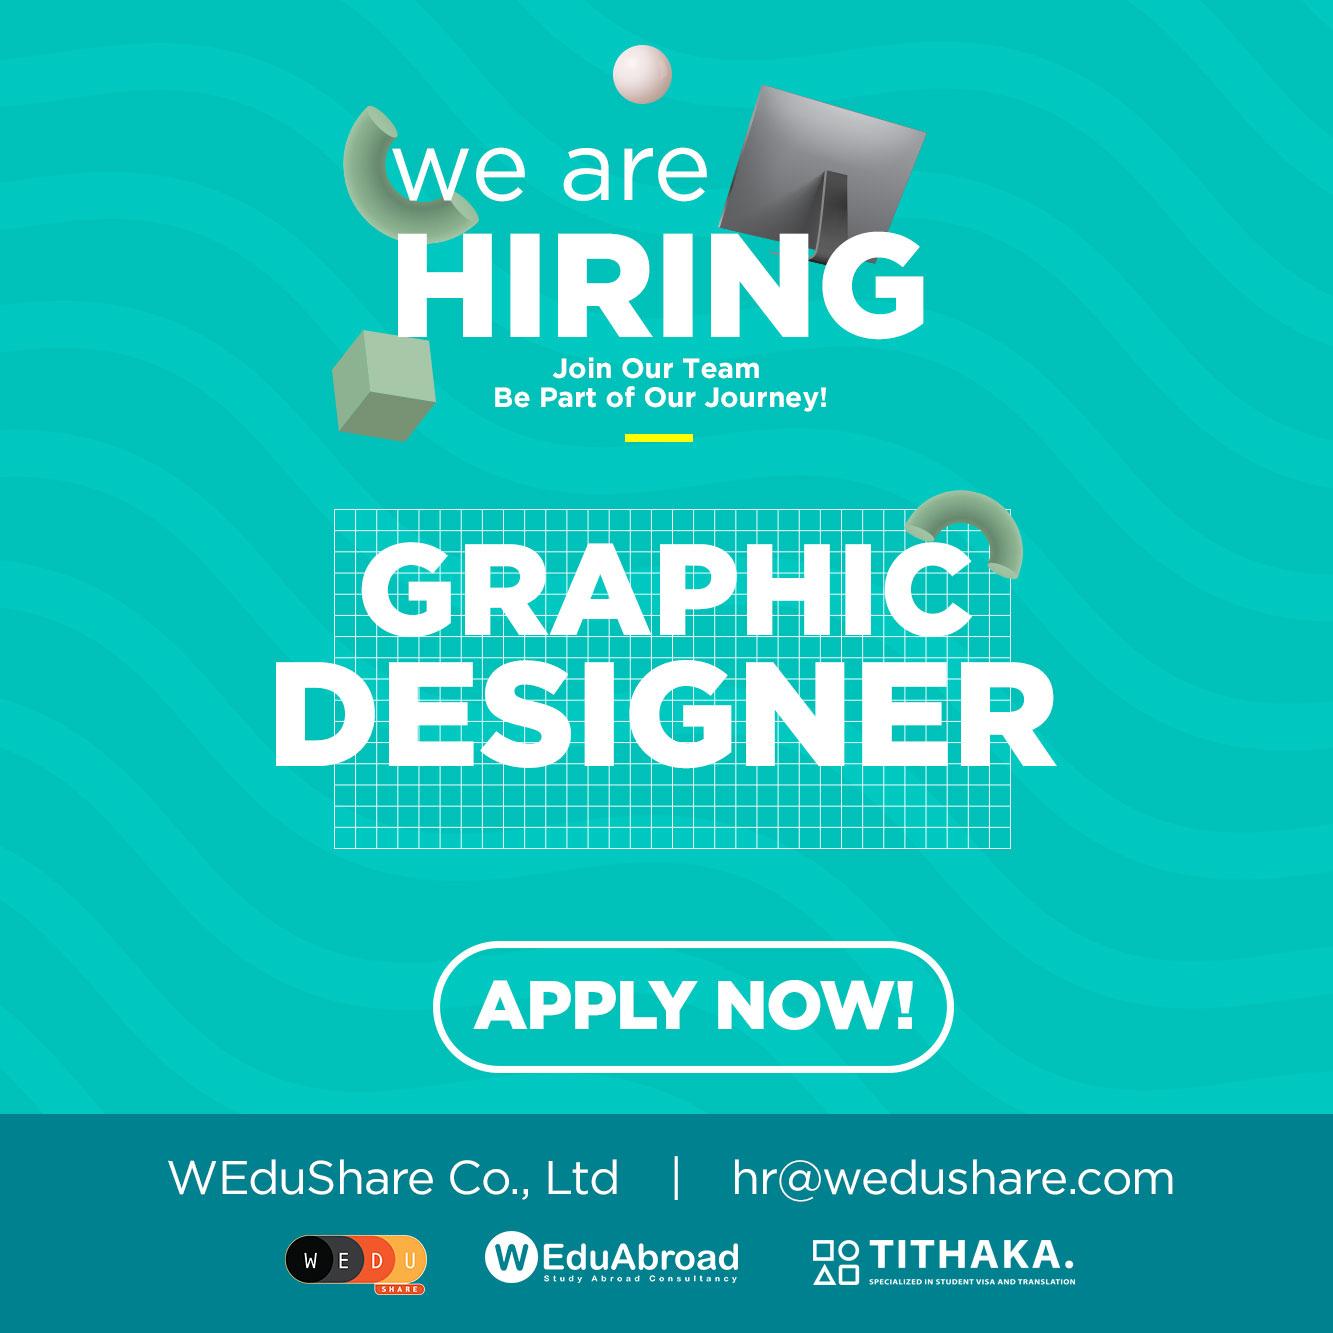 We are hiring Graphic Designer